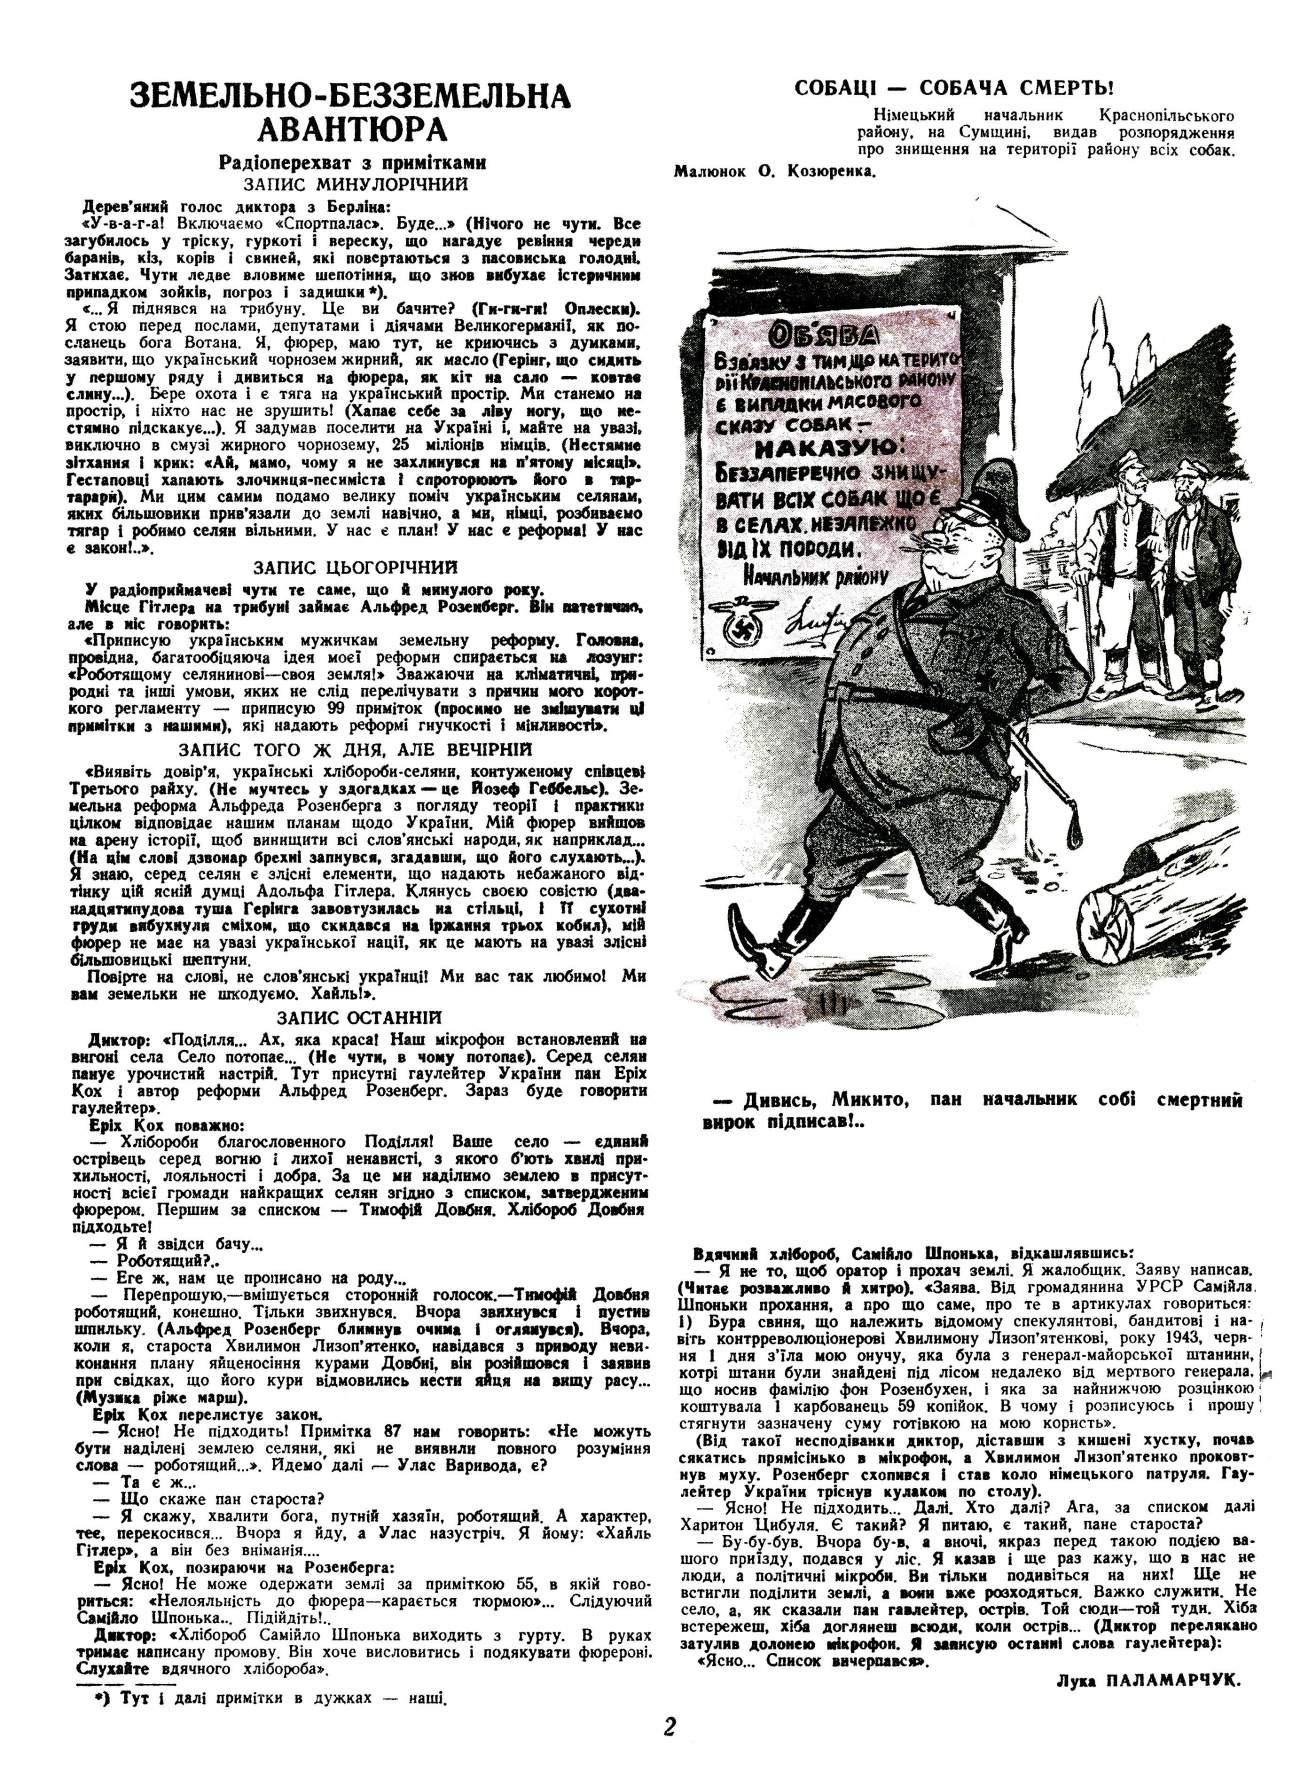 Журнал перець 1943 №15-16